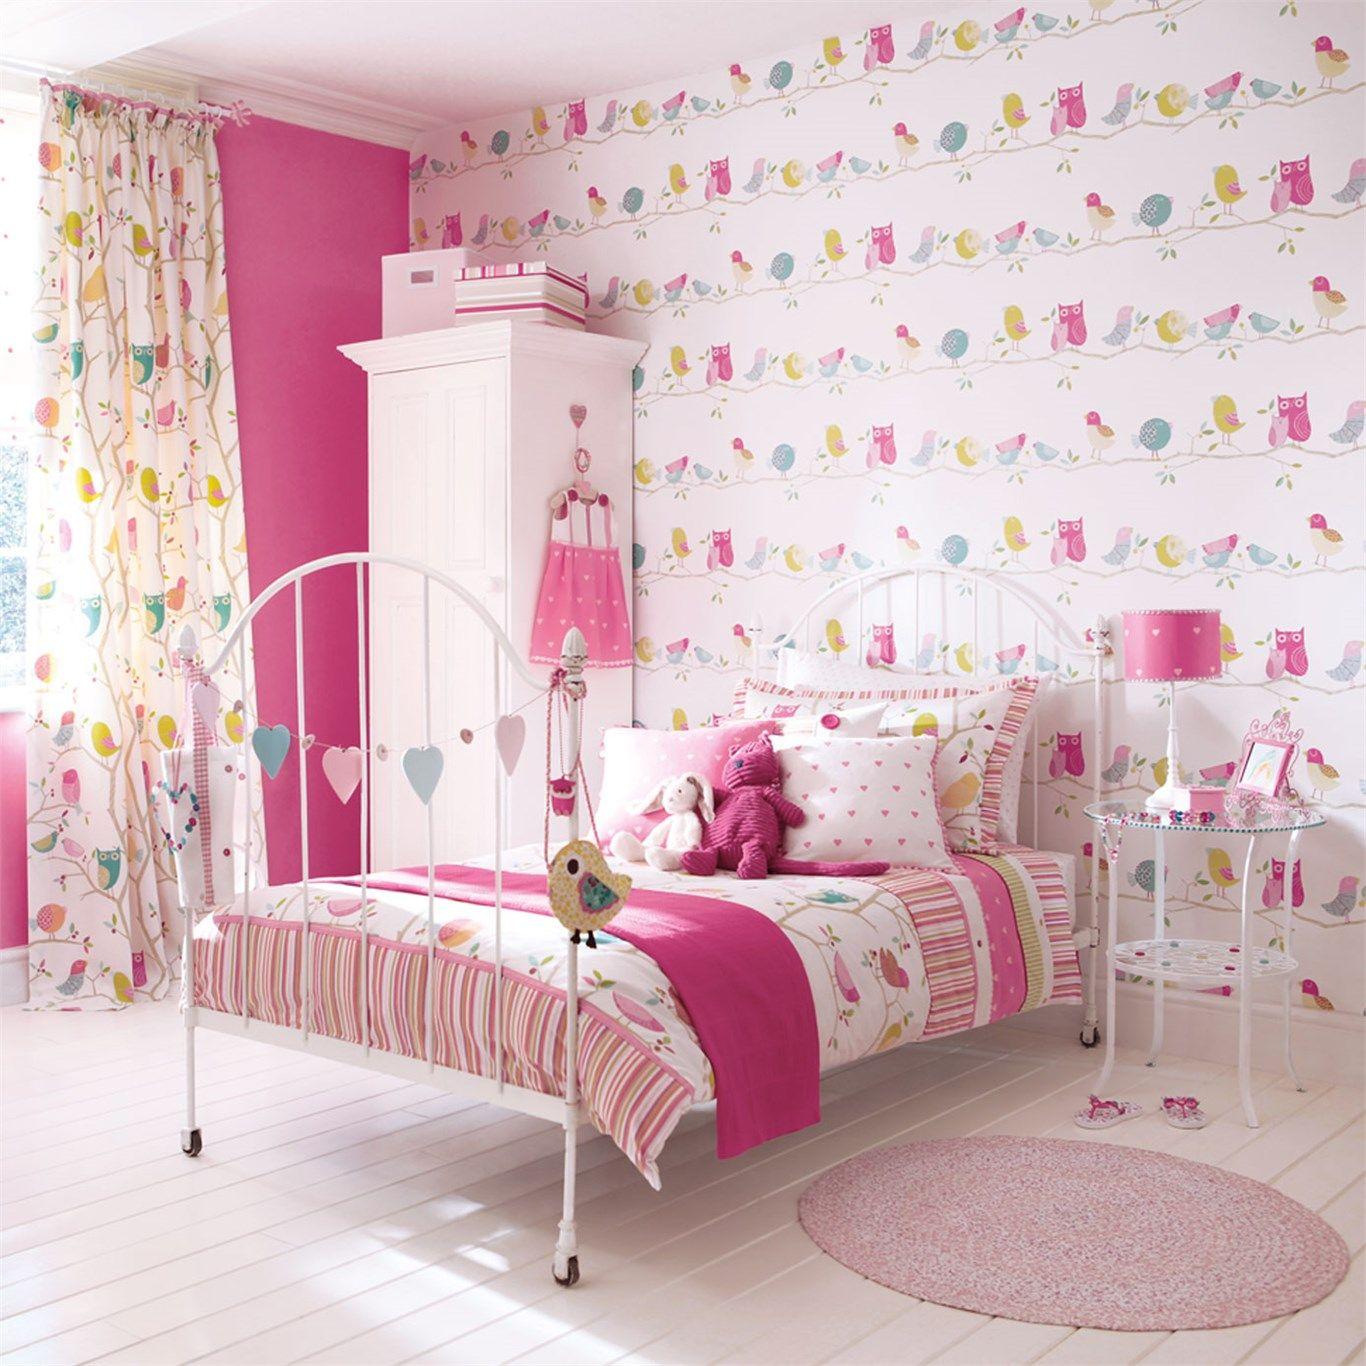 Wybieramy tapetę, tkaniny i dywan do pokoju dziecięcego